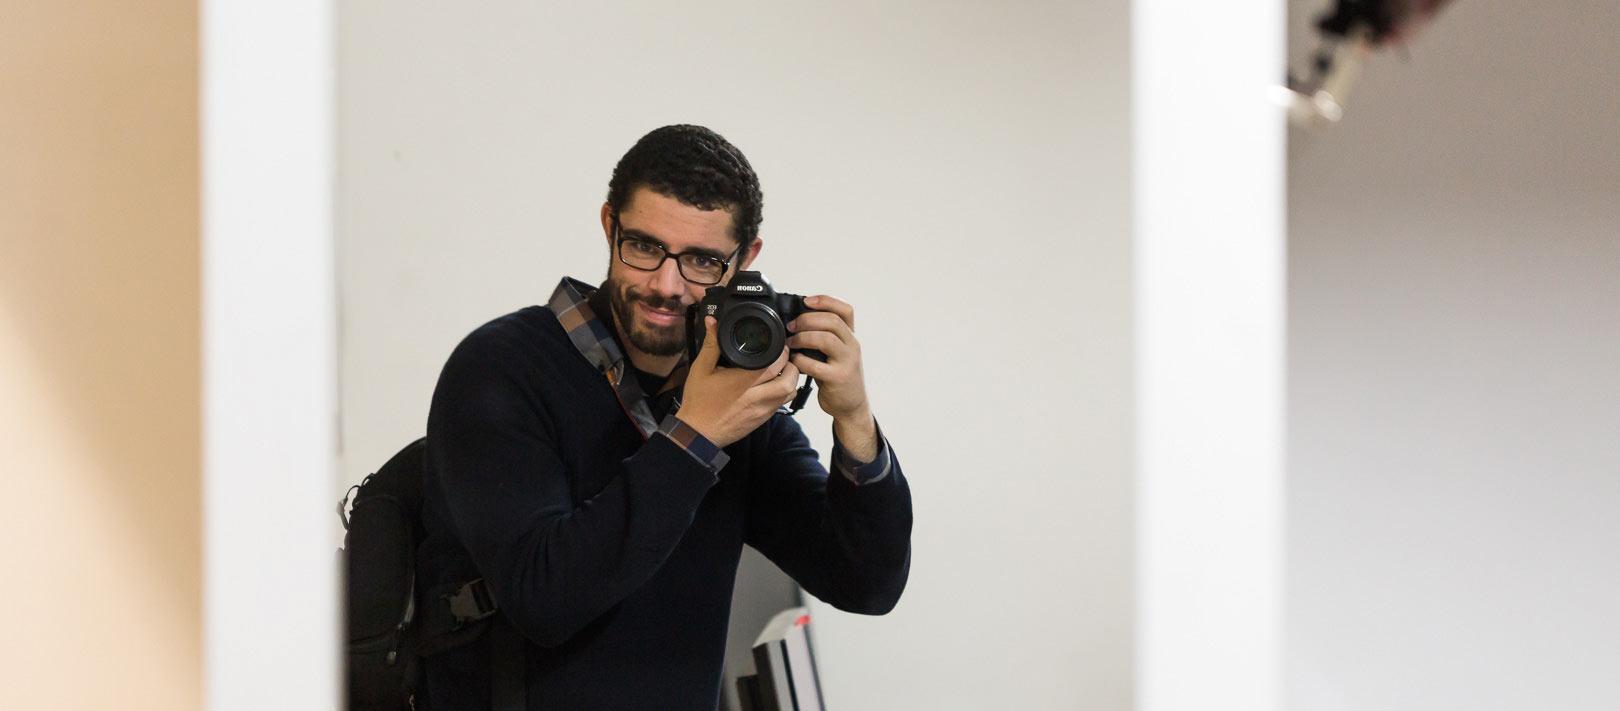 Le photographe Raphaï Bernus munit de son appareil photo